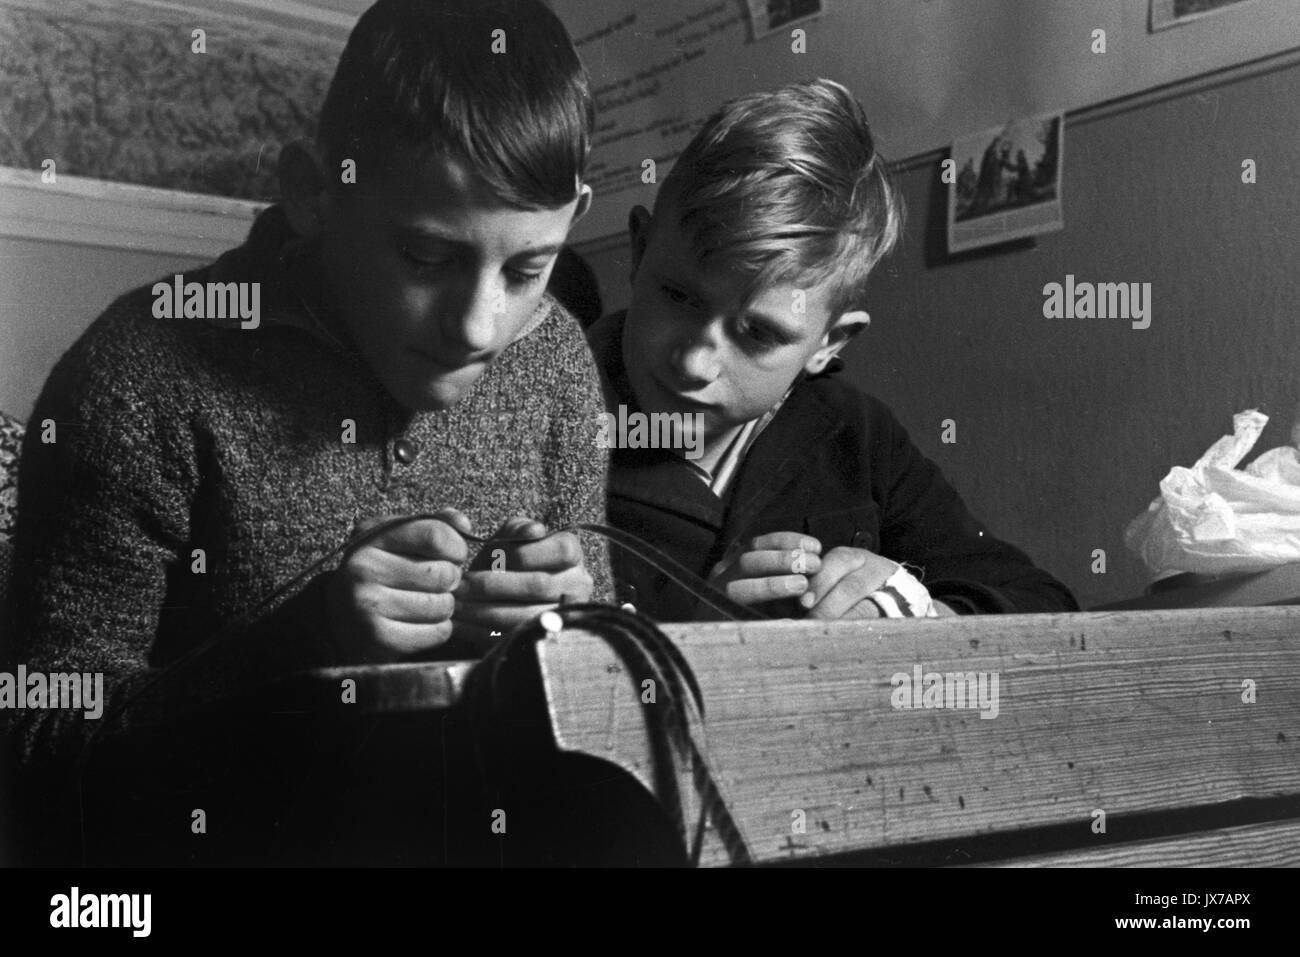 Los colegiales busca en el viejo celuloide filmstrip en aula. Foto de stock